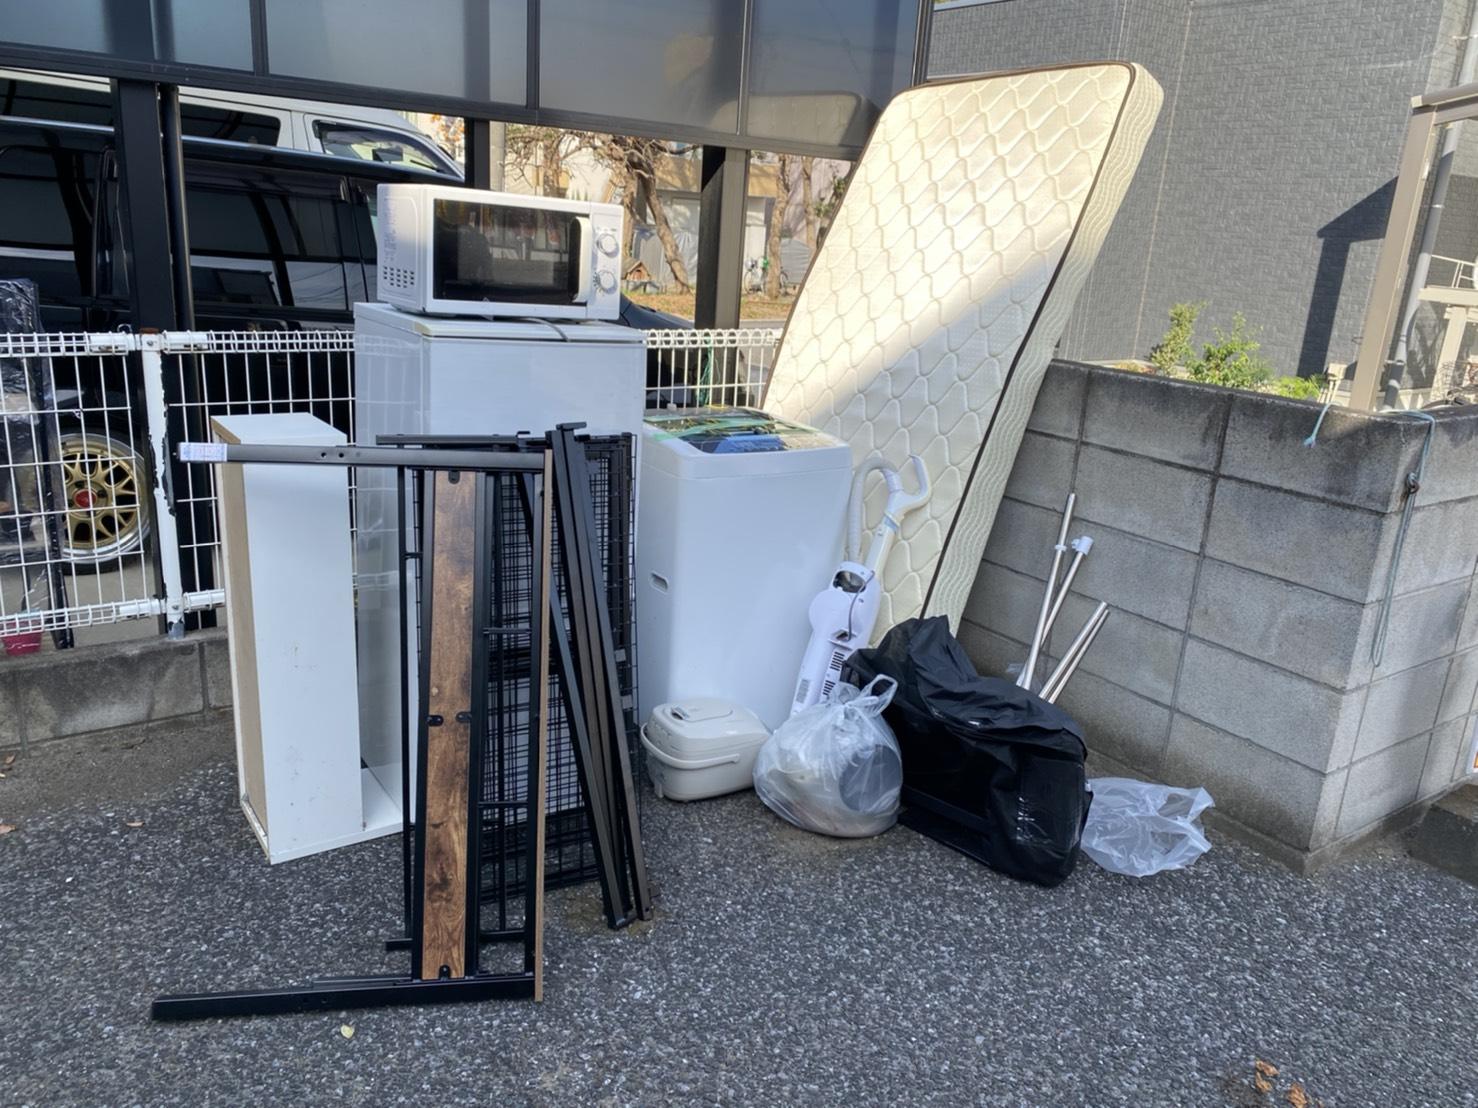 冷蔵庫、洗濯機、電子レンジなどの不用品の回収前